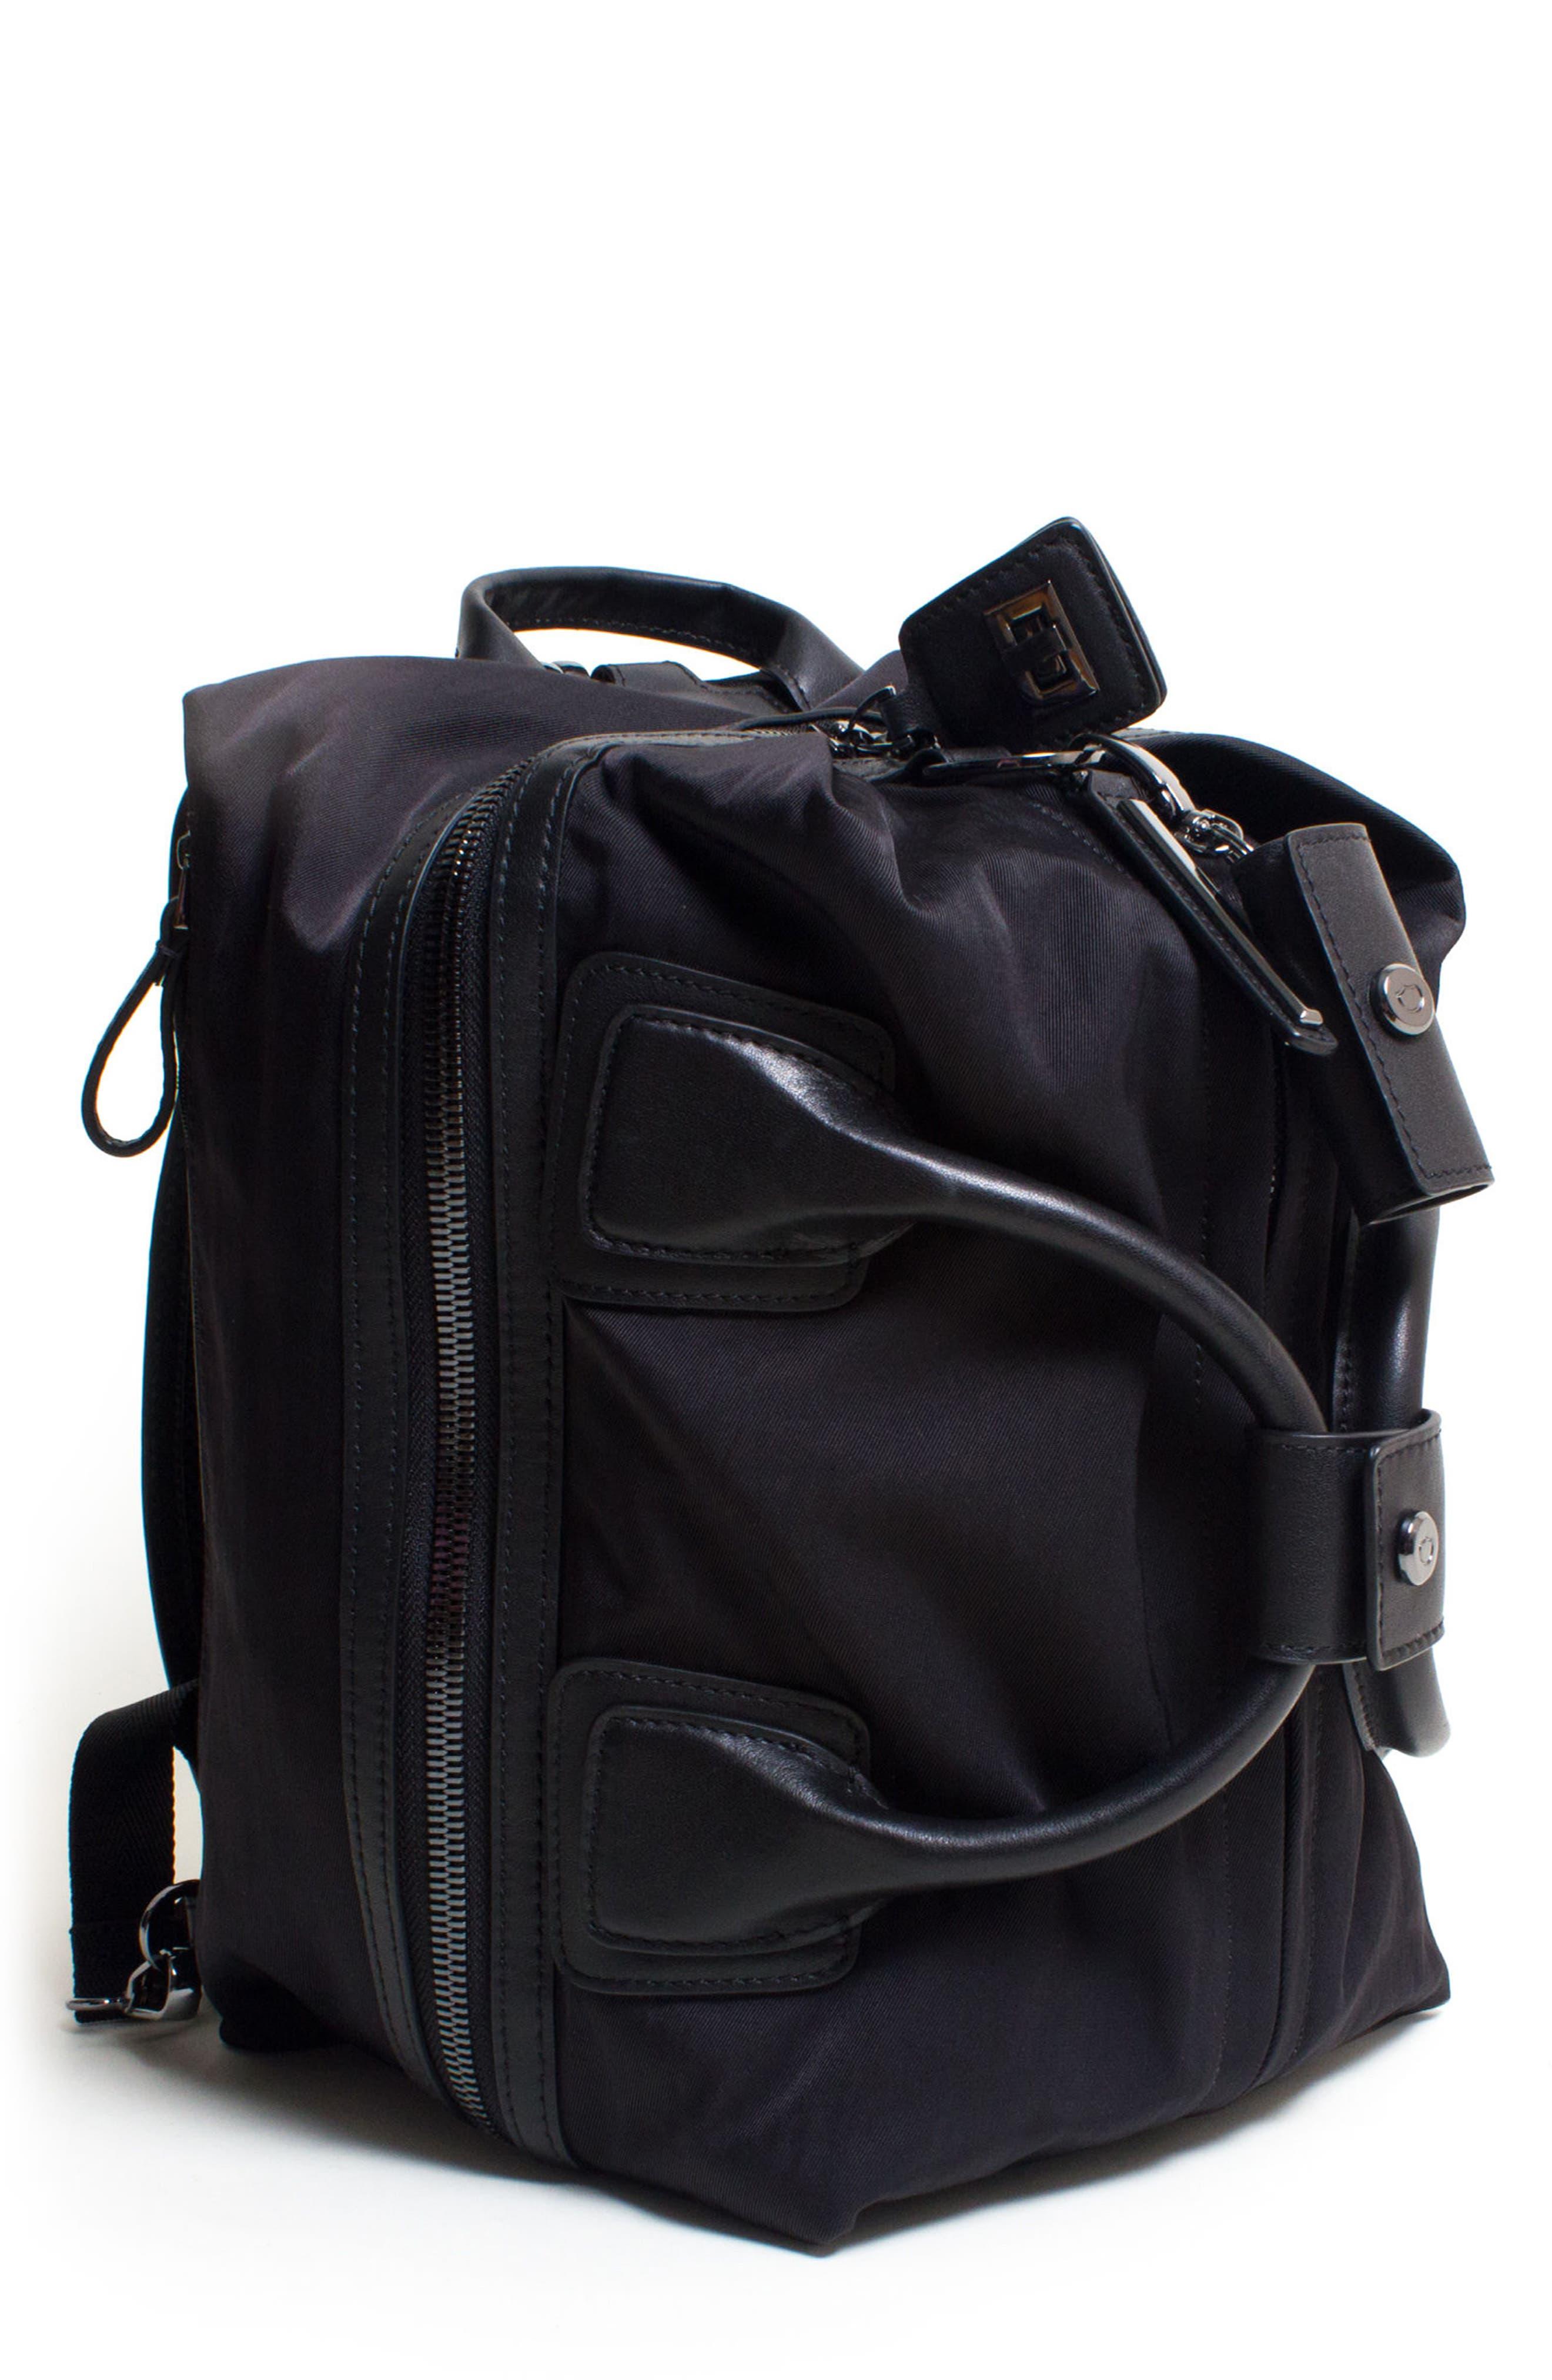 Studio Duffel Backpack,                             Main thumbnail 1, color,                             003